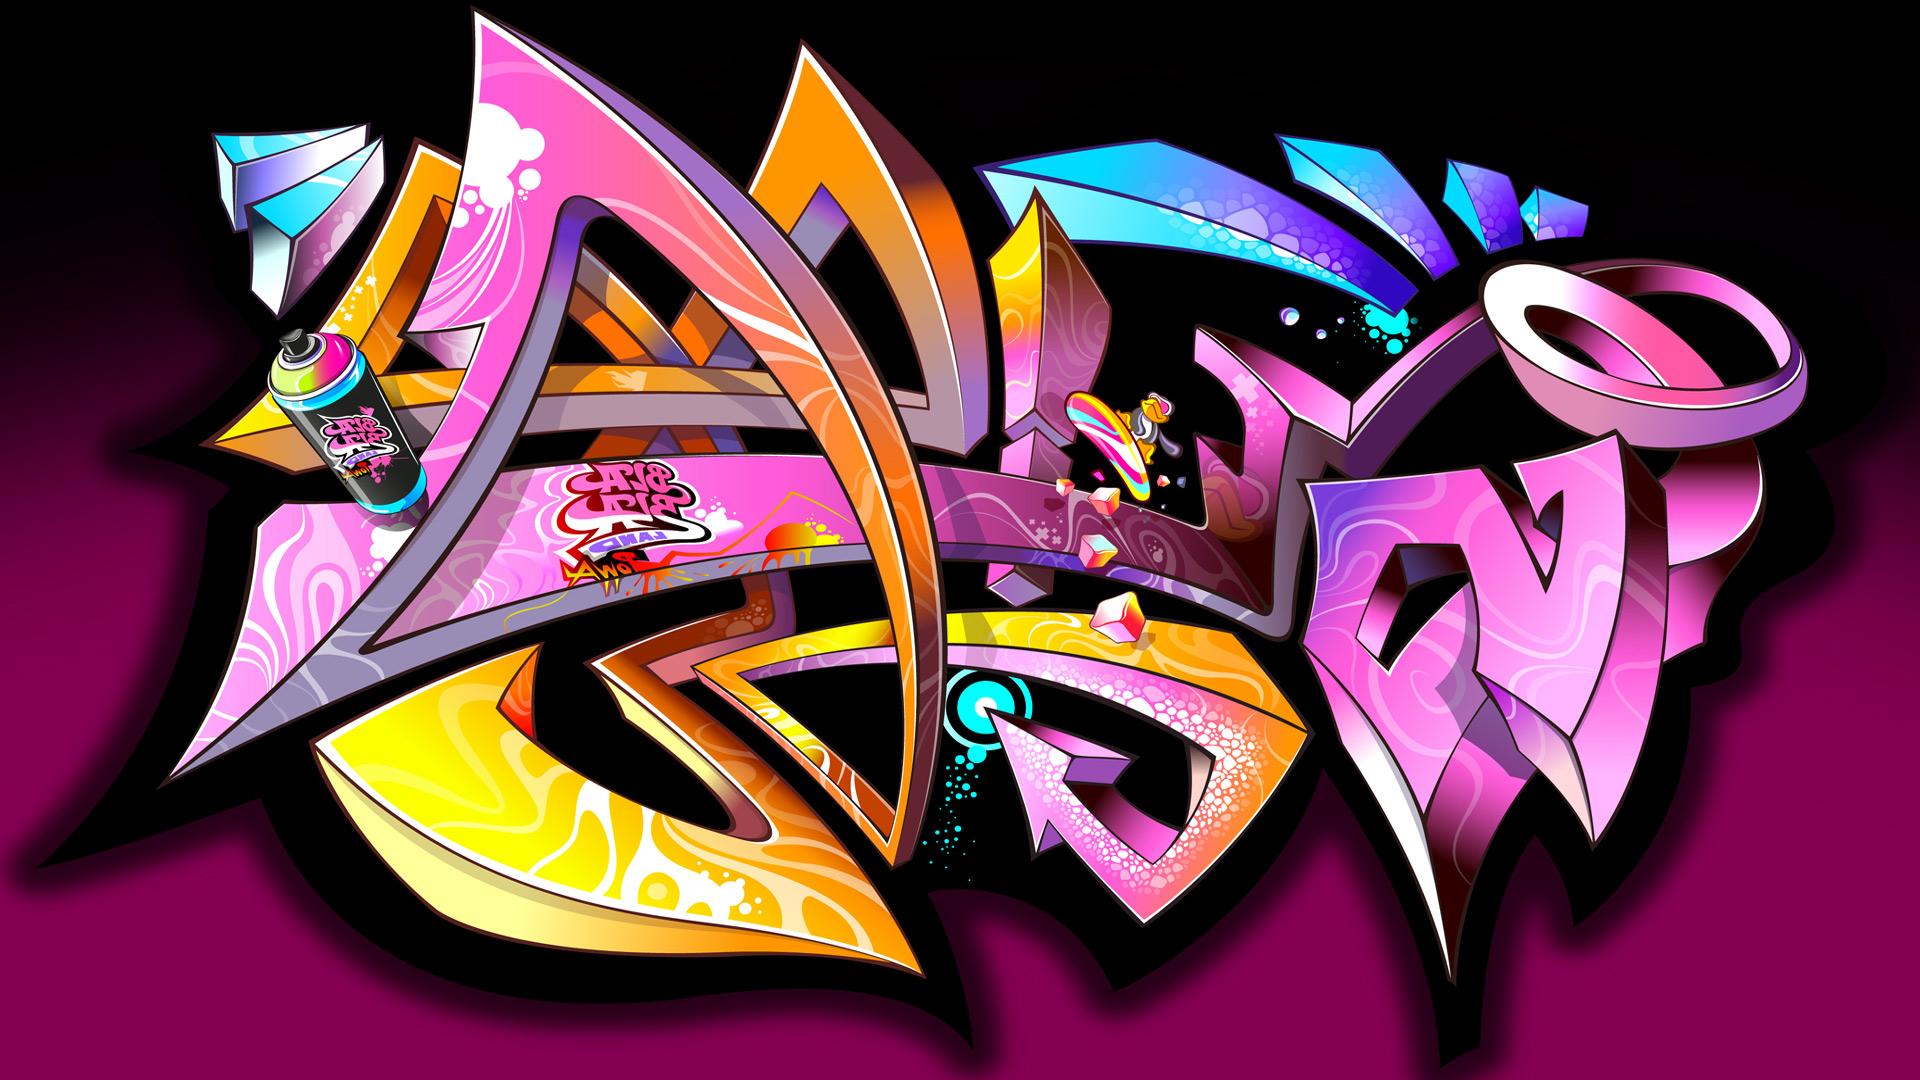 Обои граффити в стиле граффити